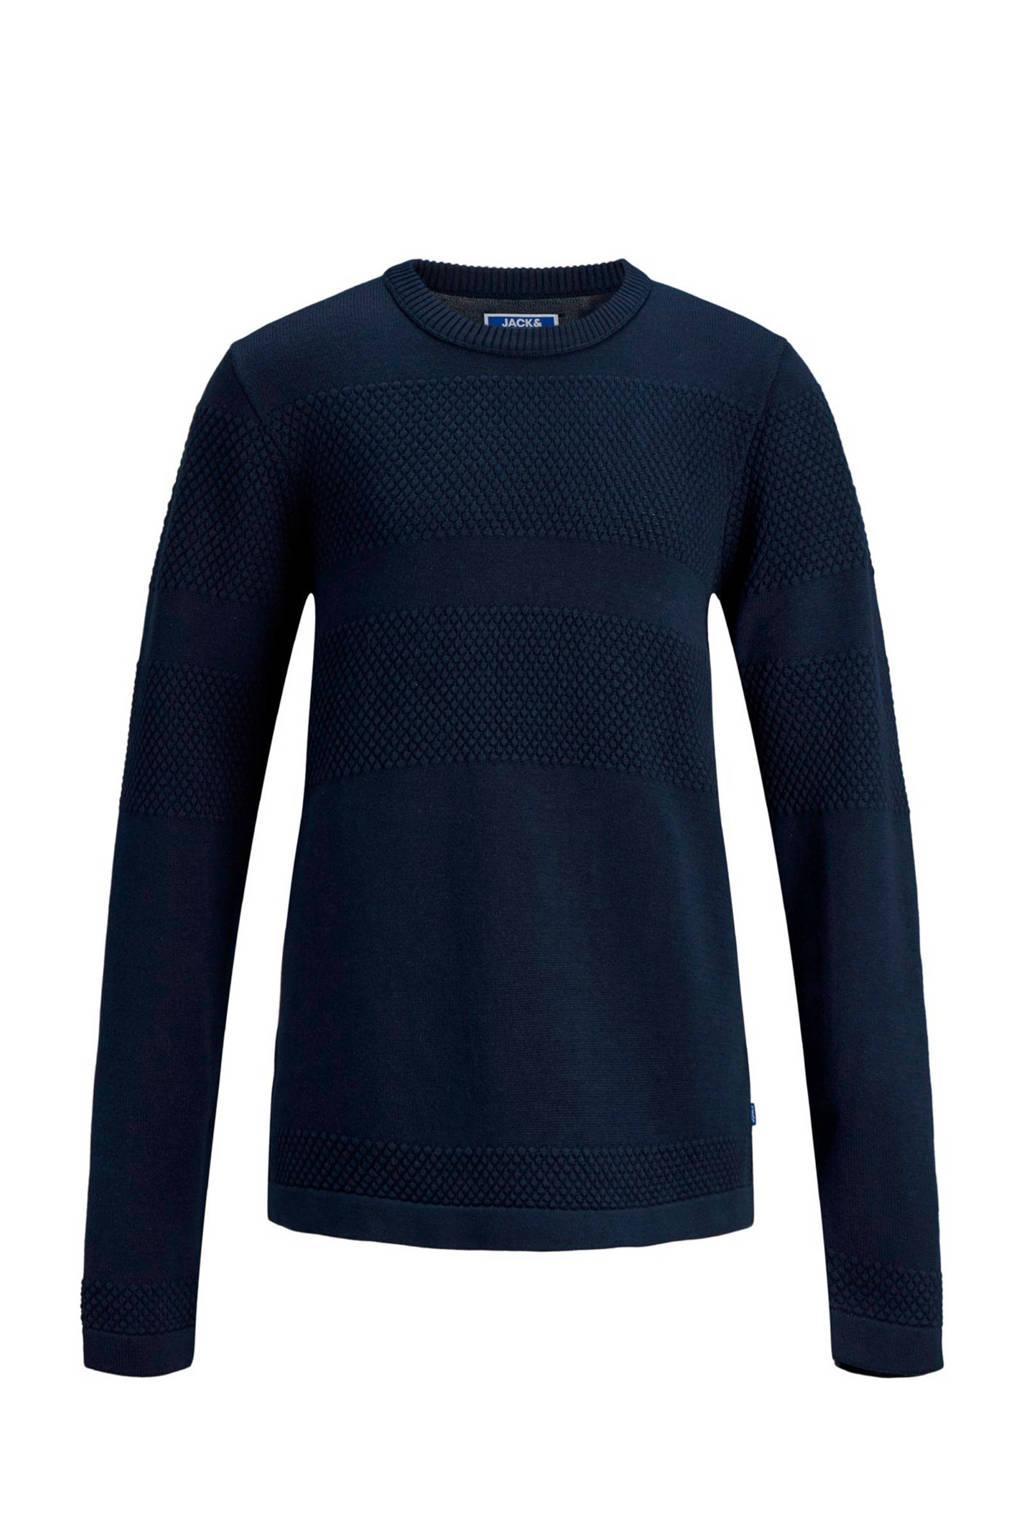 JACK & JONES JUNIOR gebreide trui met textuur donkerblauw, Donkerblauw